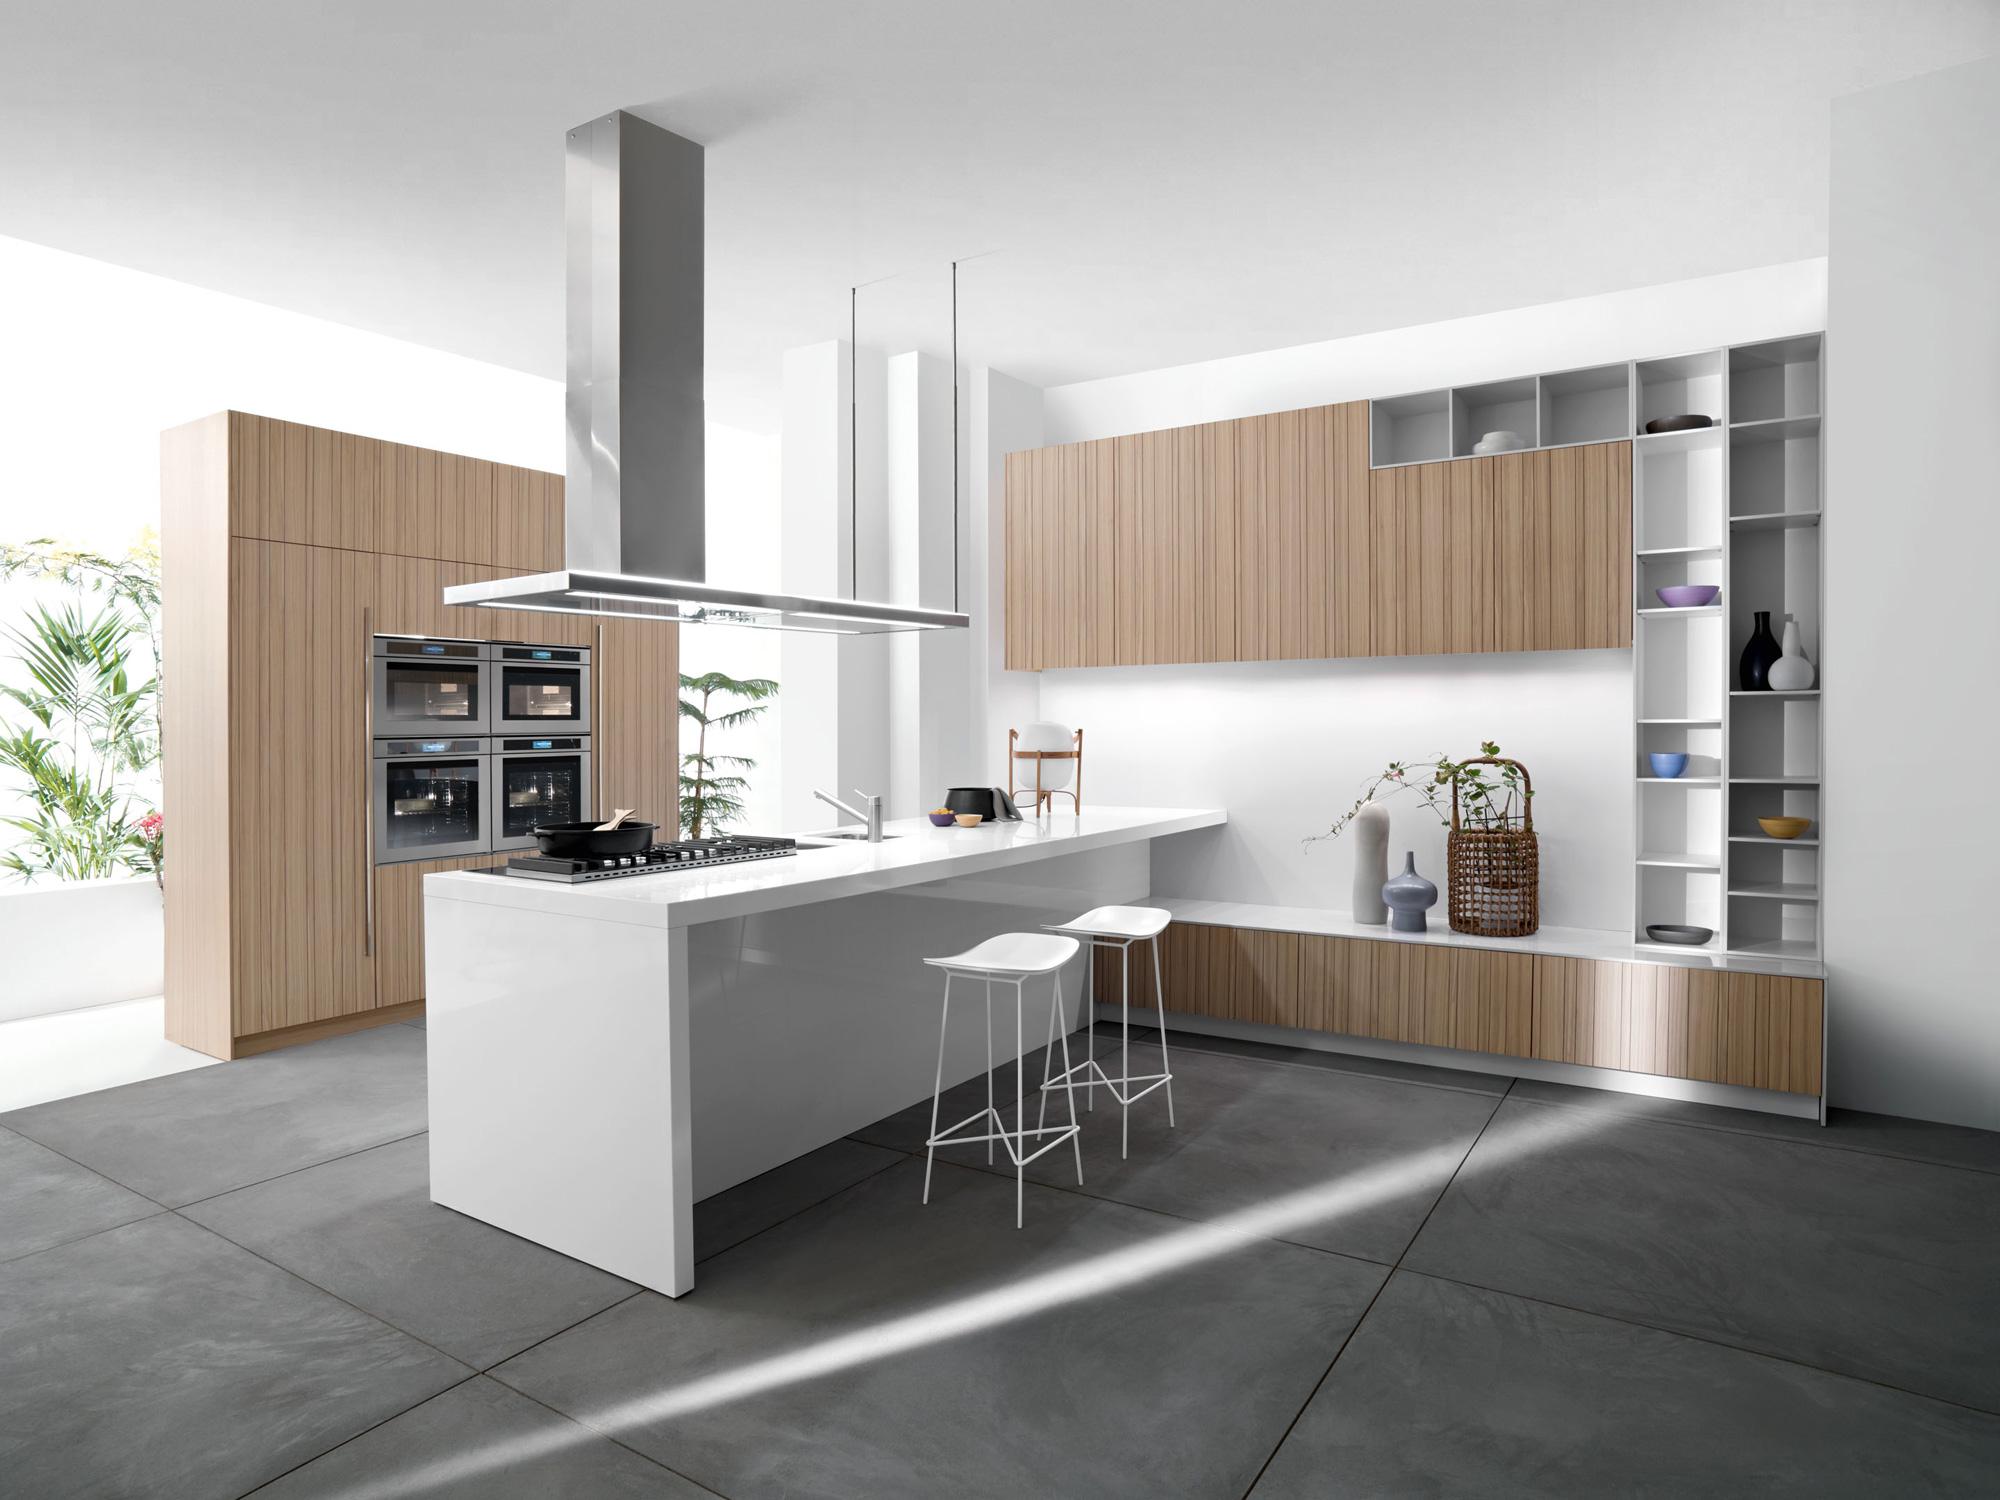 modern-italian-kitchens-from-snaidero-16